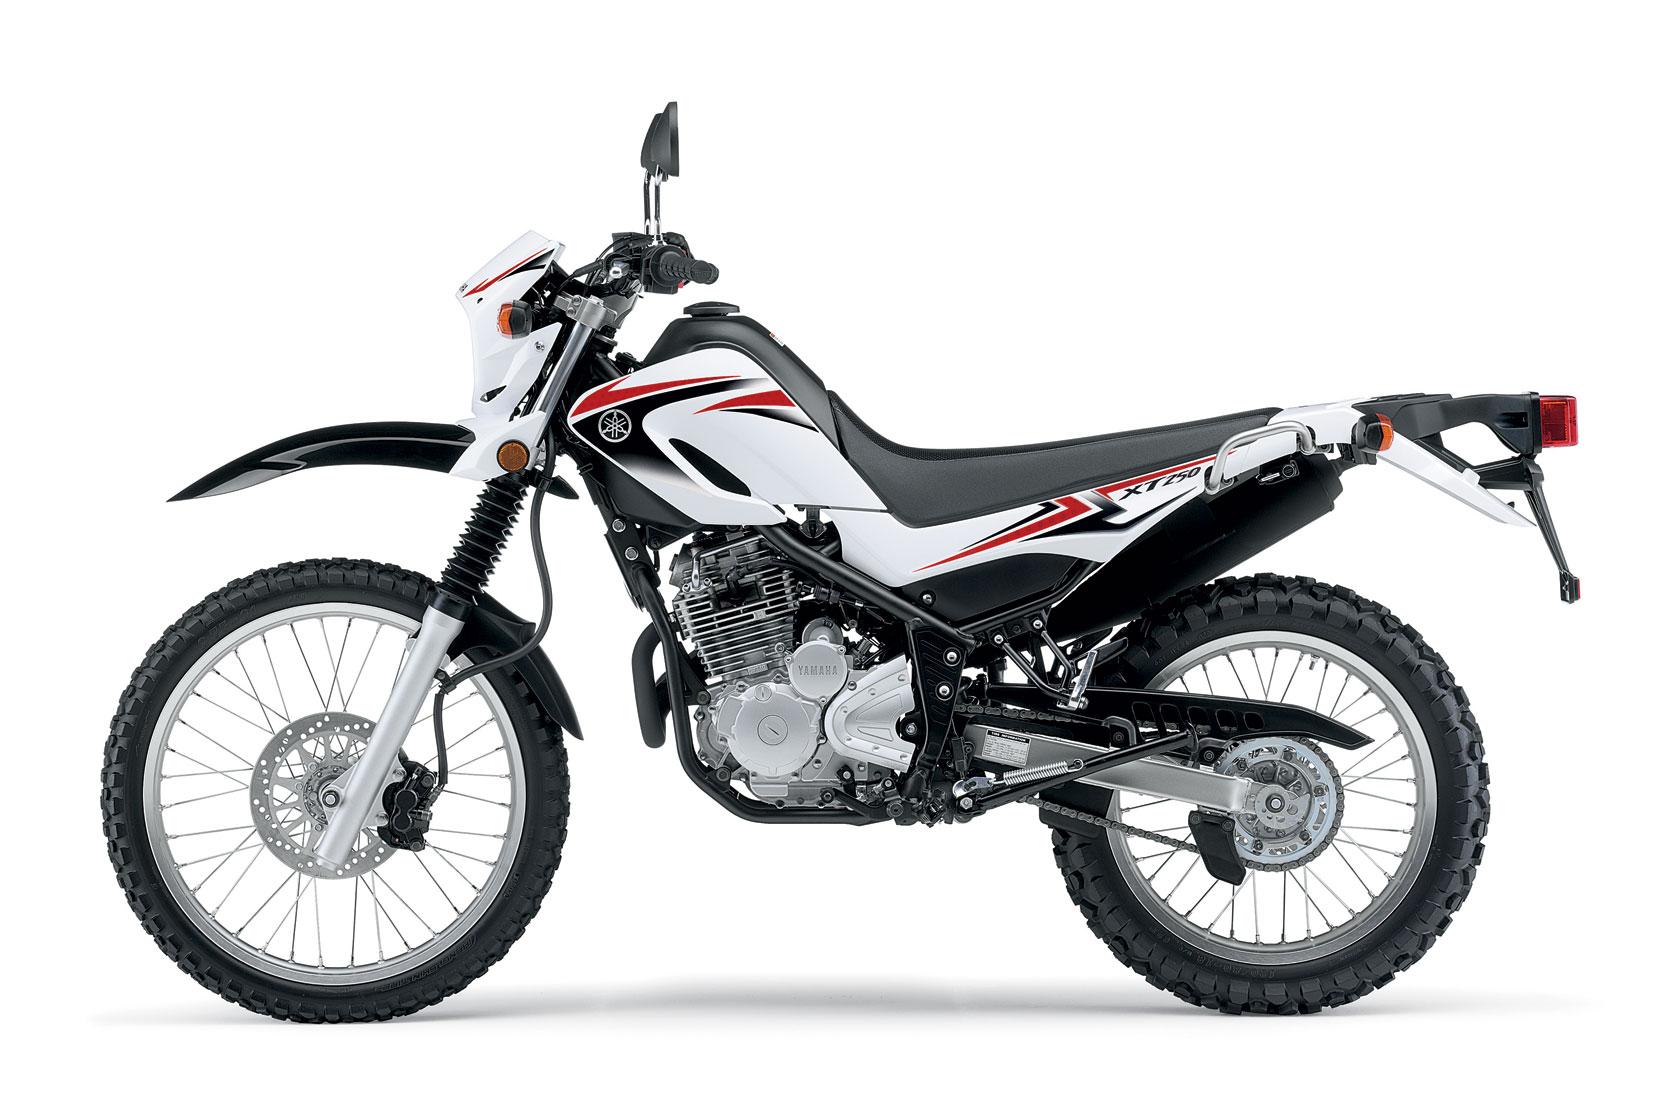 yamaha xt250 specs - 2010  2011